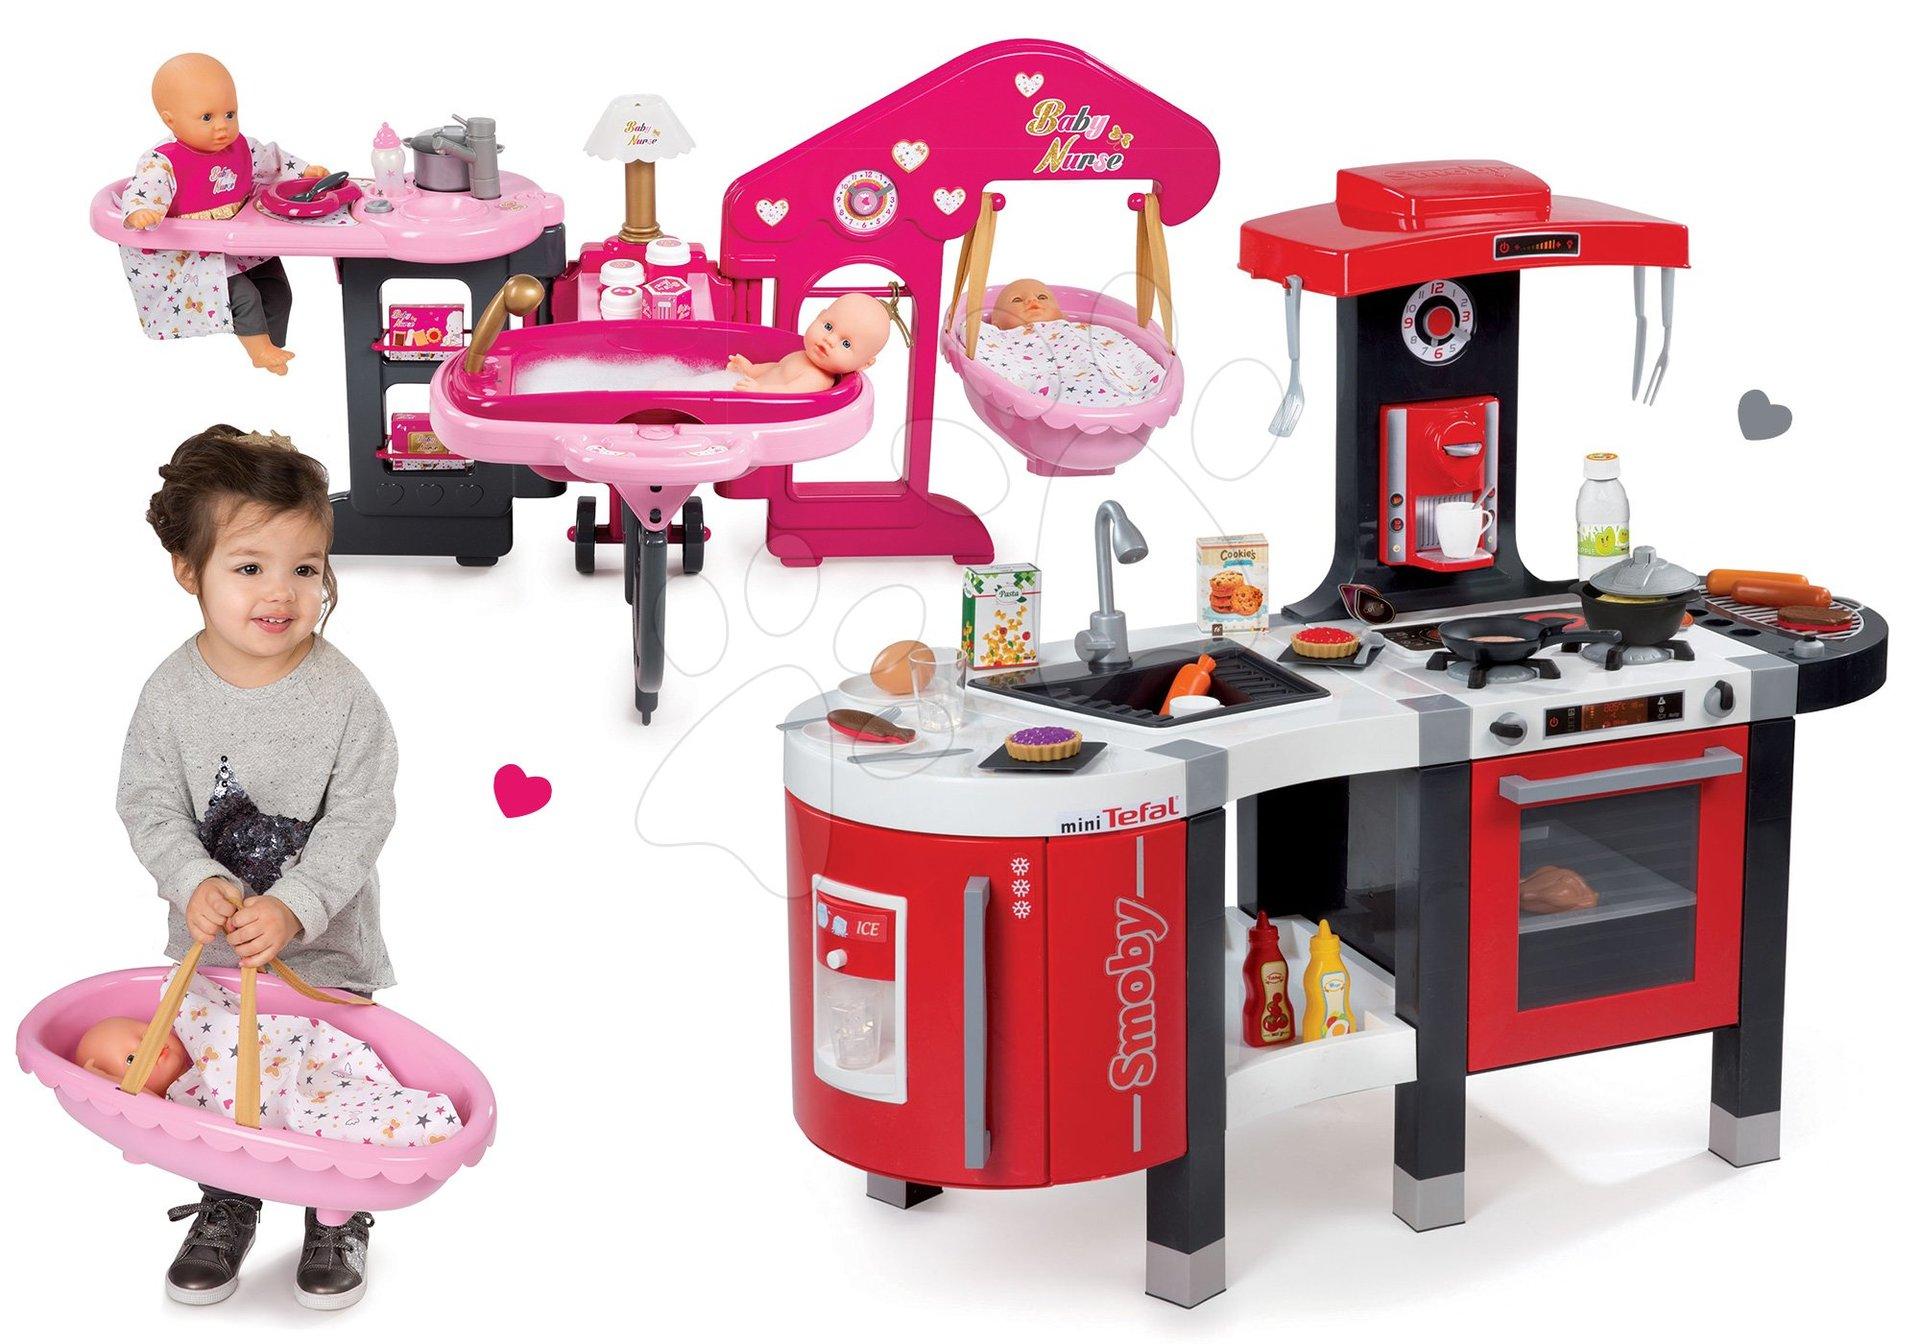 Szett játékkonyha gyerekeknek Tefal French Touch Smoby elektronikus hanggal  és babacenter játékbabának Baby Nurse c652e15cab